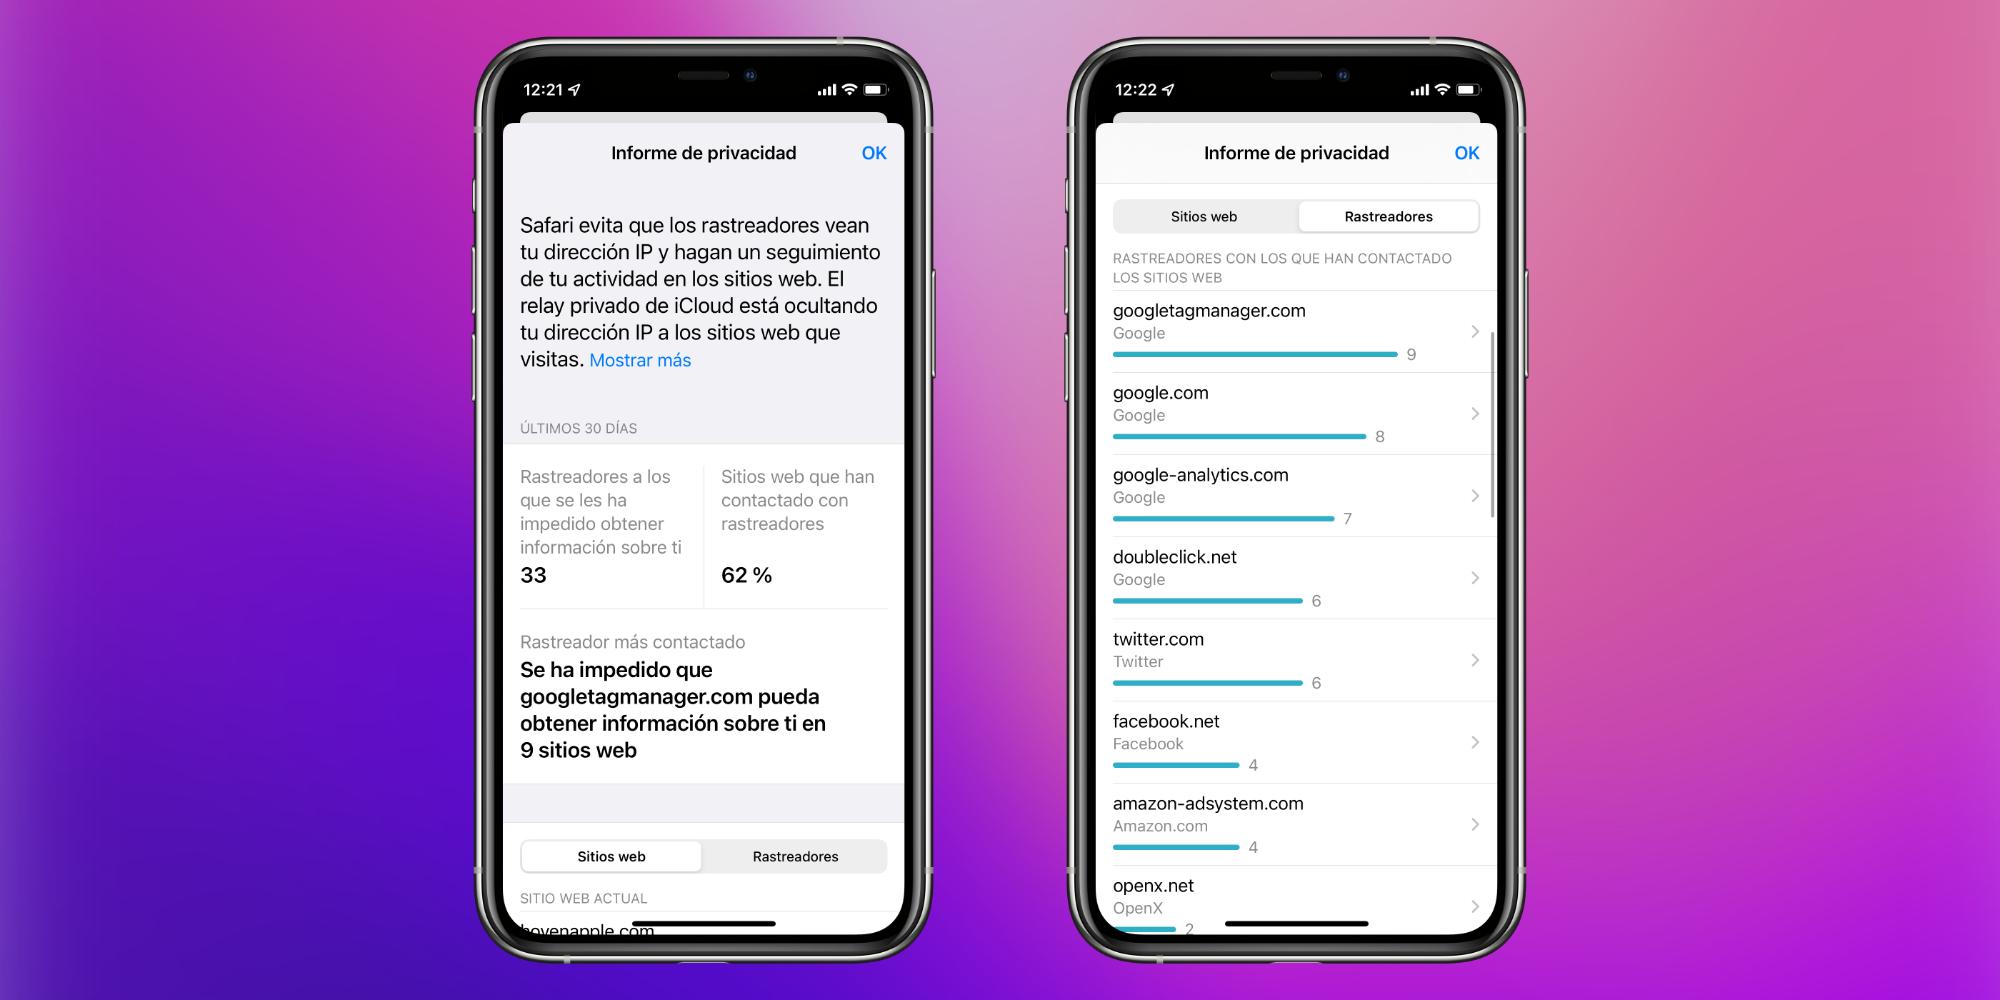 Qué es y cómo utilizar el informe de privacidad de Safari en nuestro iPhone o iPad